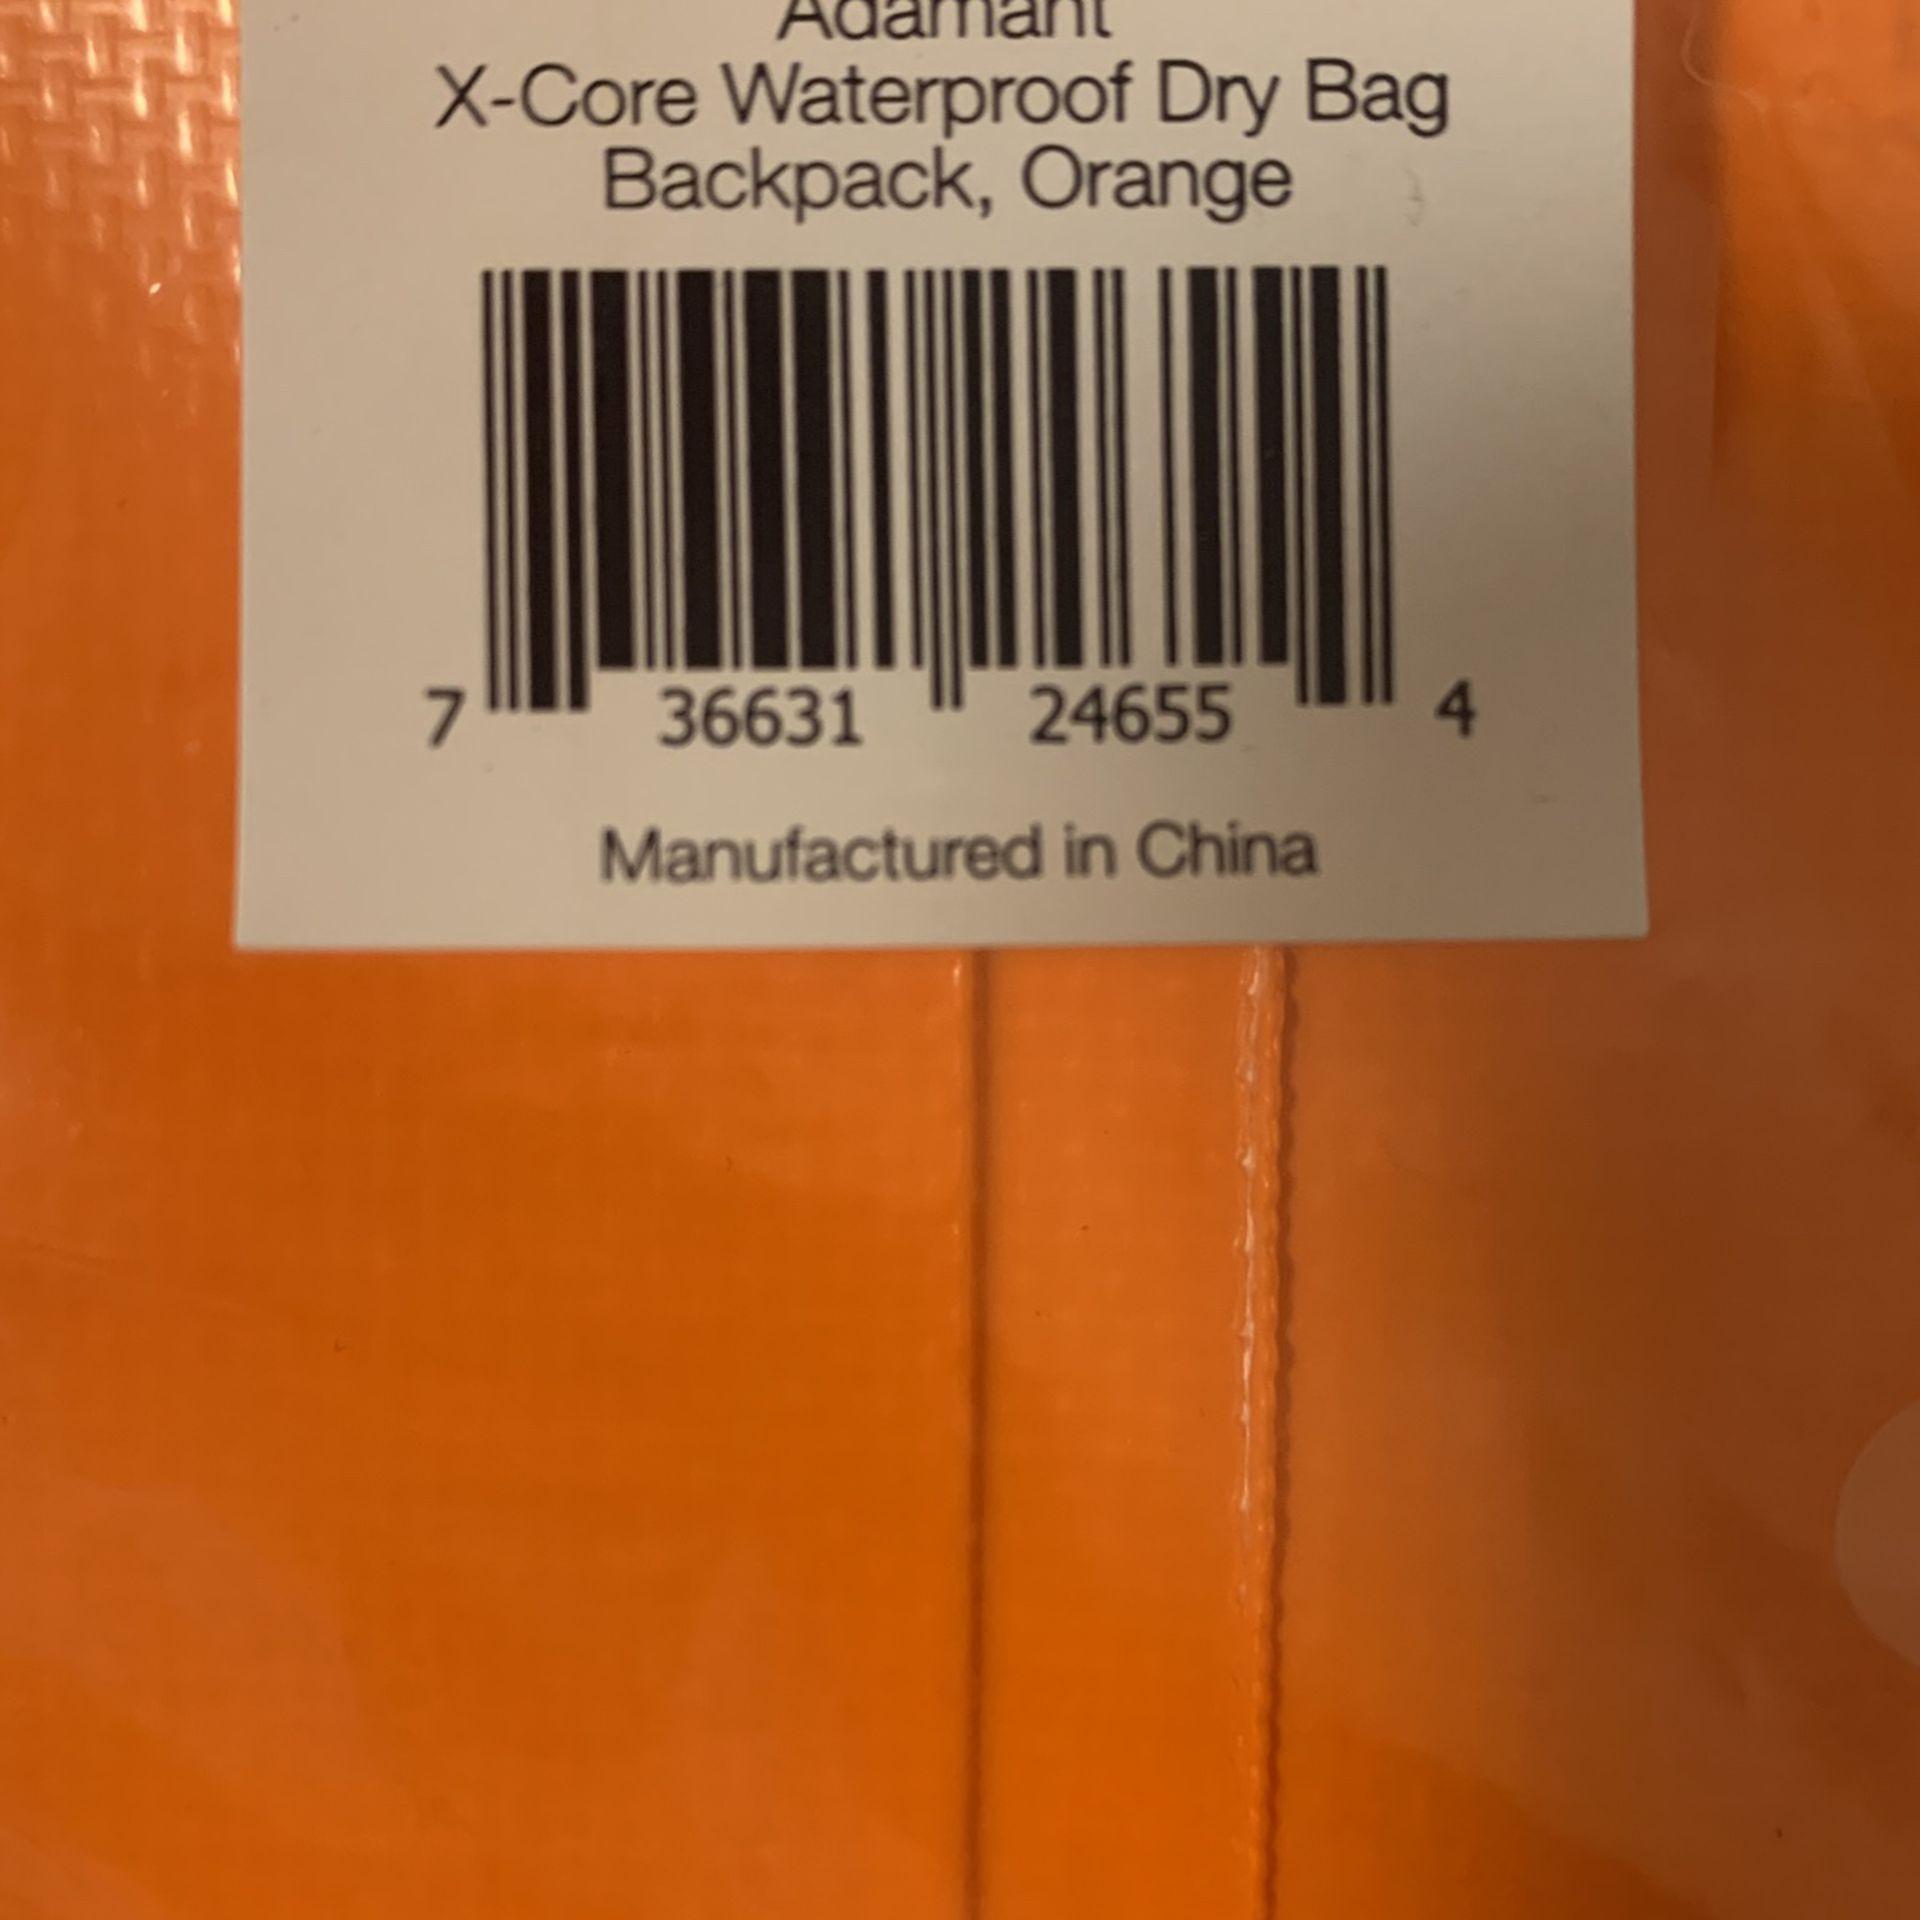 Xcore Waterproof Dry Bag